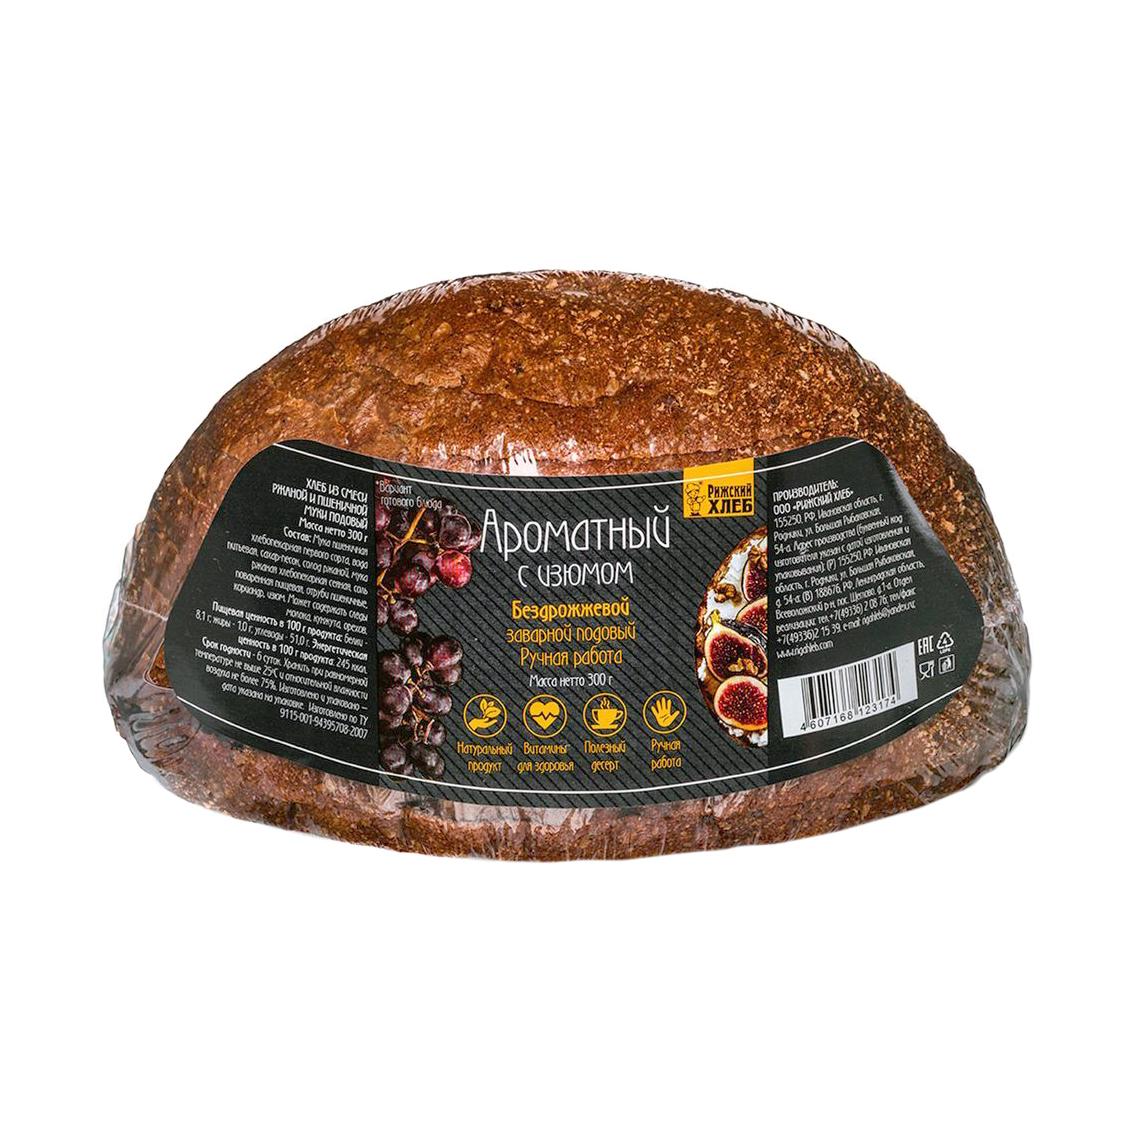 Хлеб Рижский хлеб Ароматный с изюмом 300 г хлеб рижский хлеб цельнозерновой 300 г